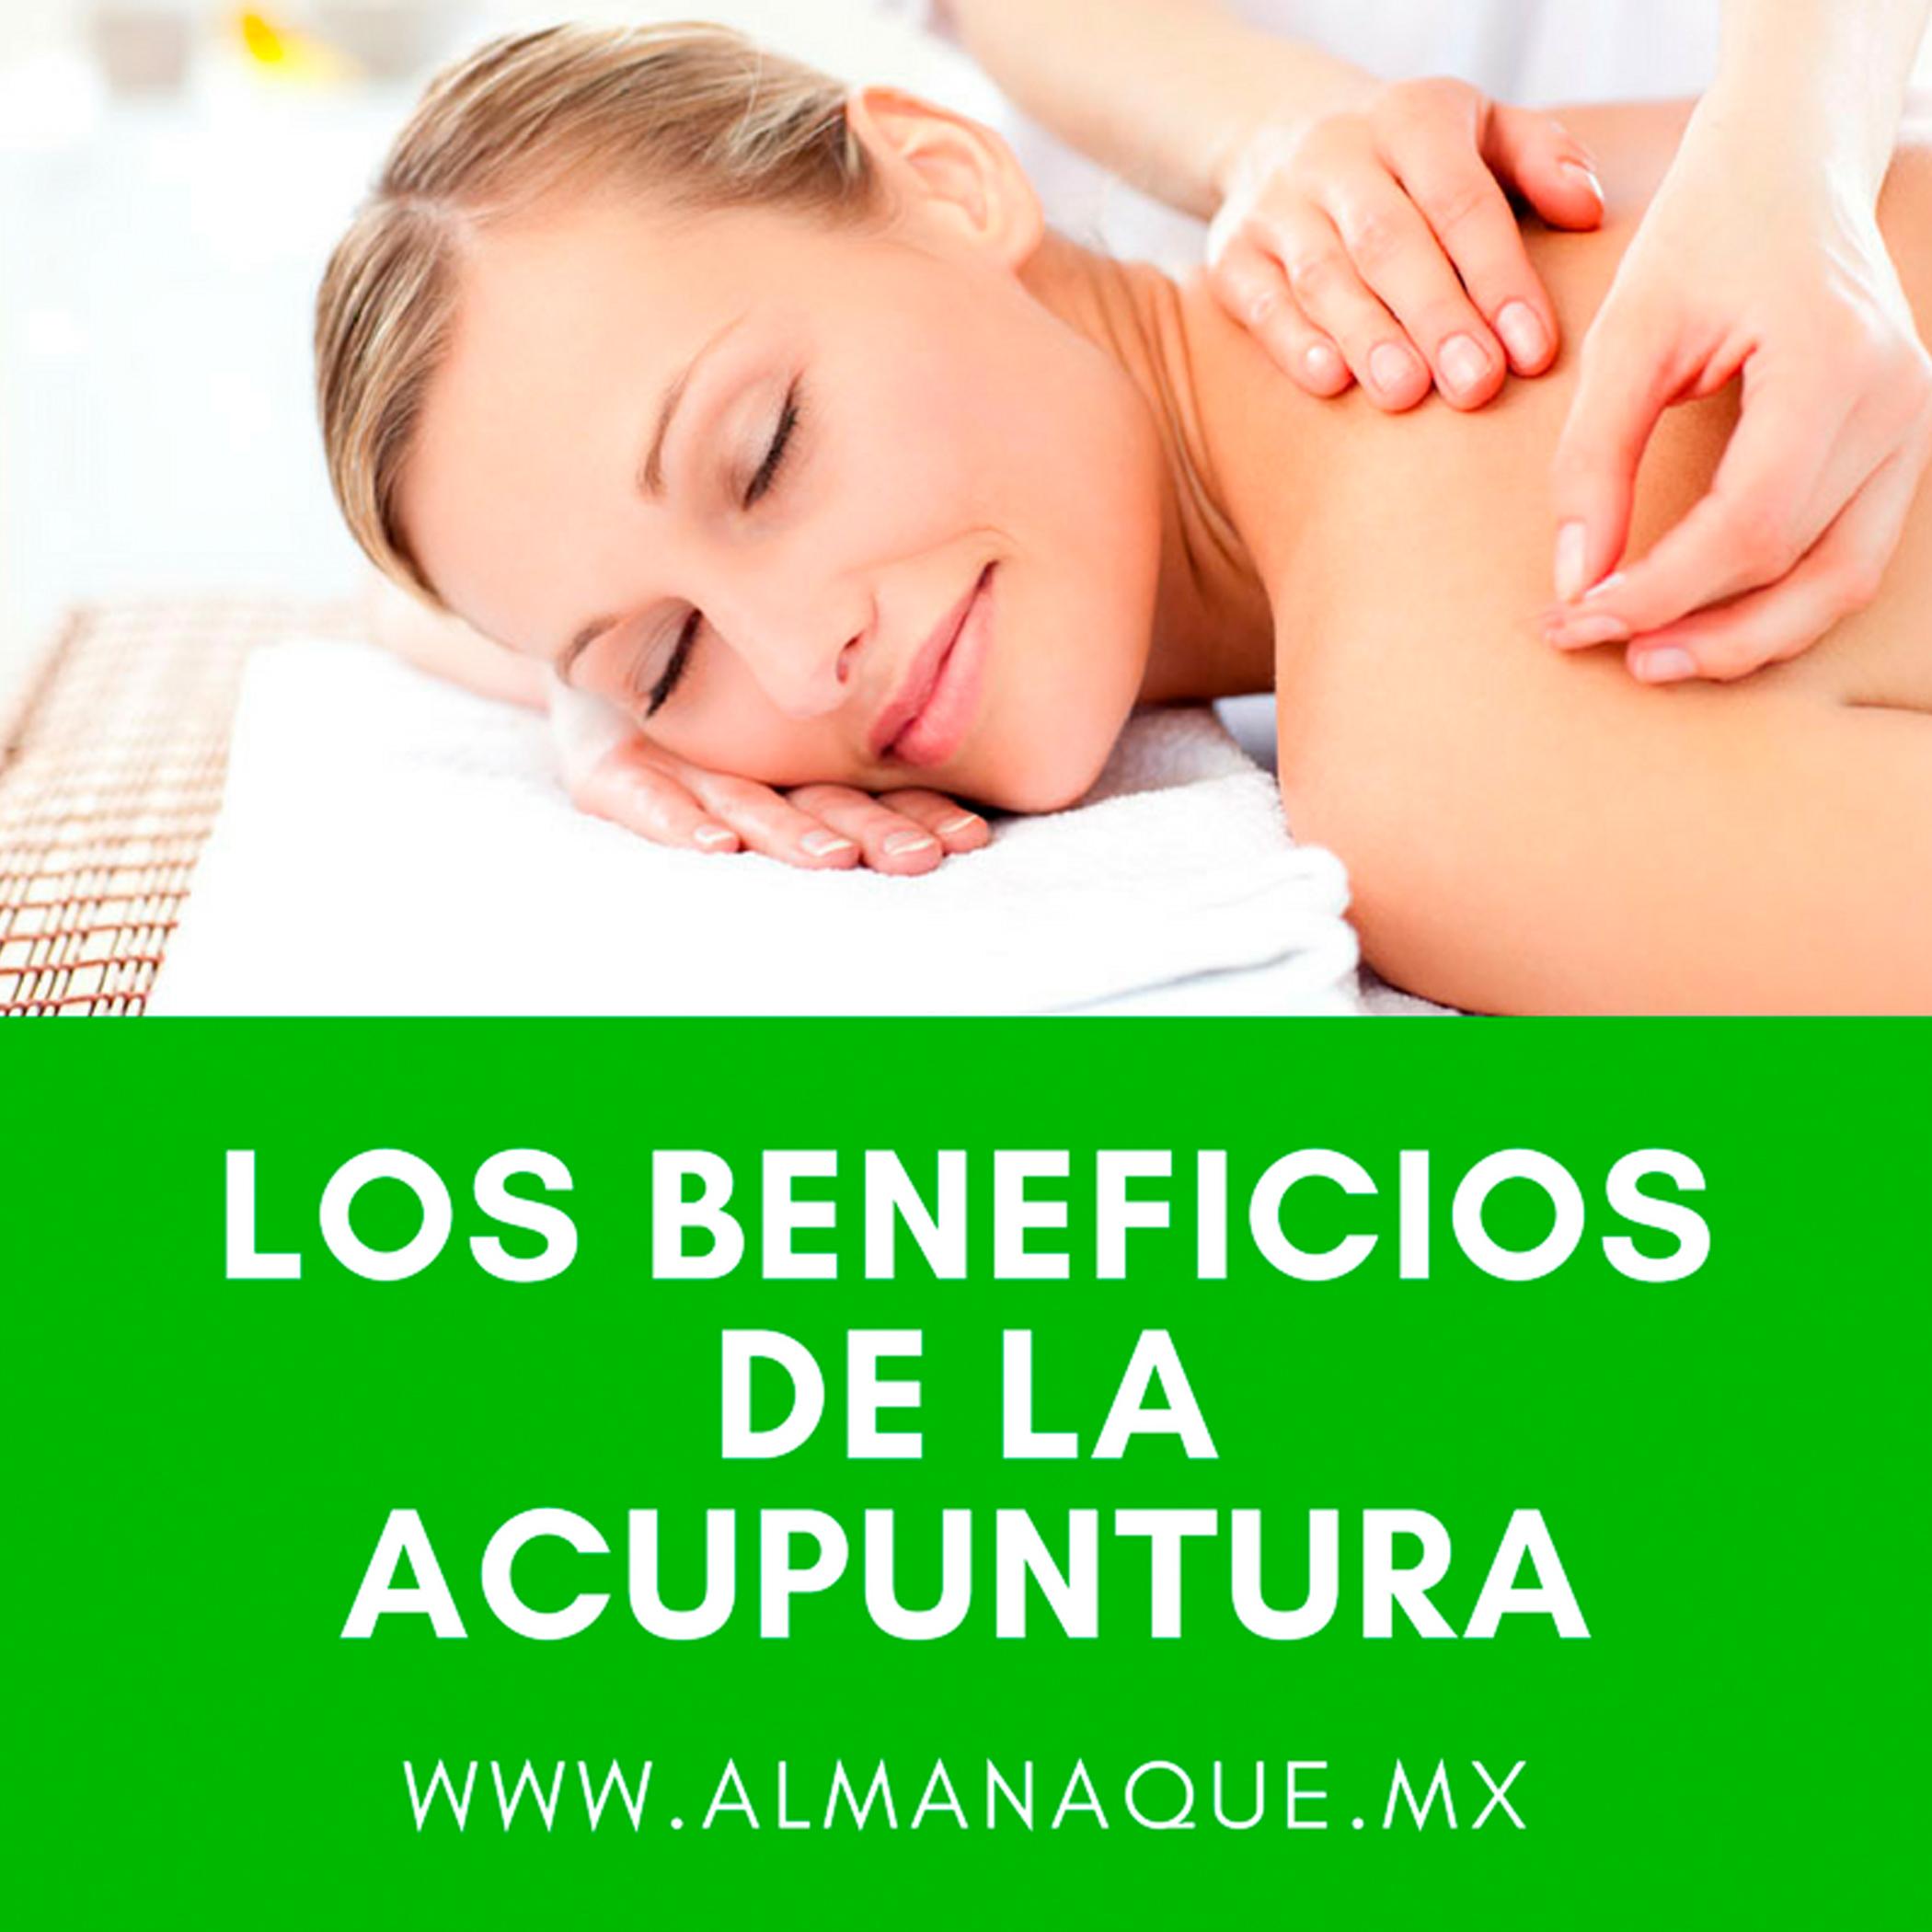 los-beneficios-de-la-acupuntura-cqa-almanaque-mx